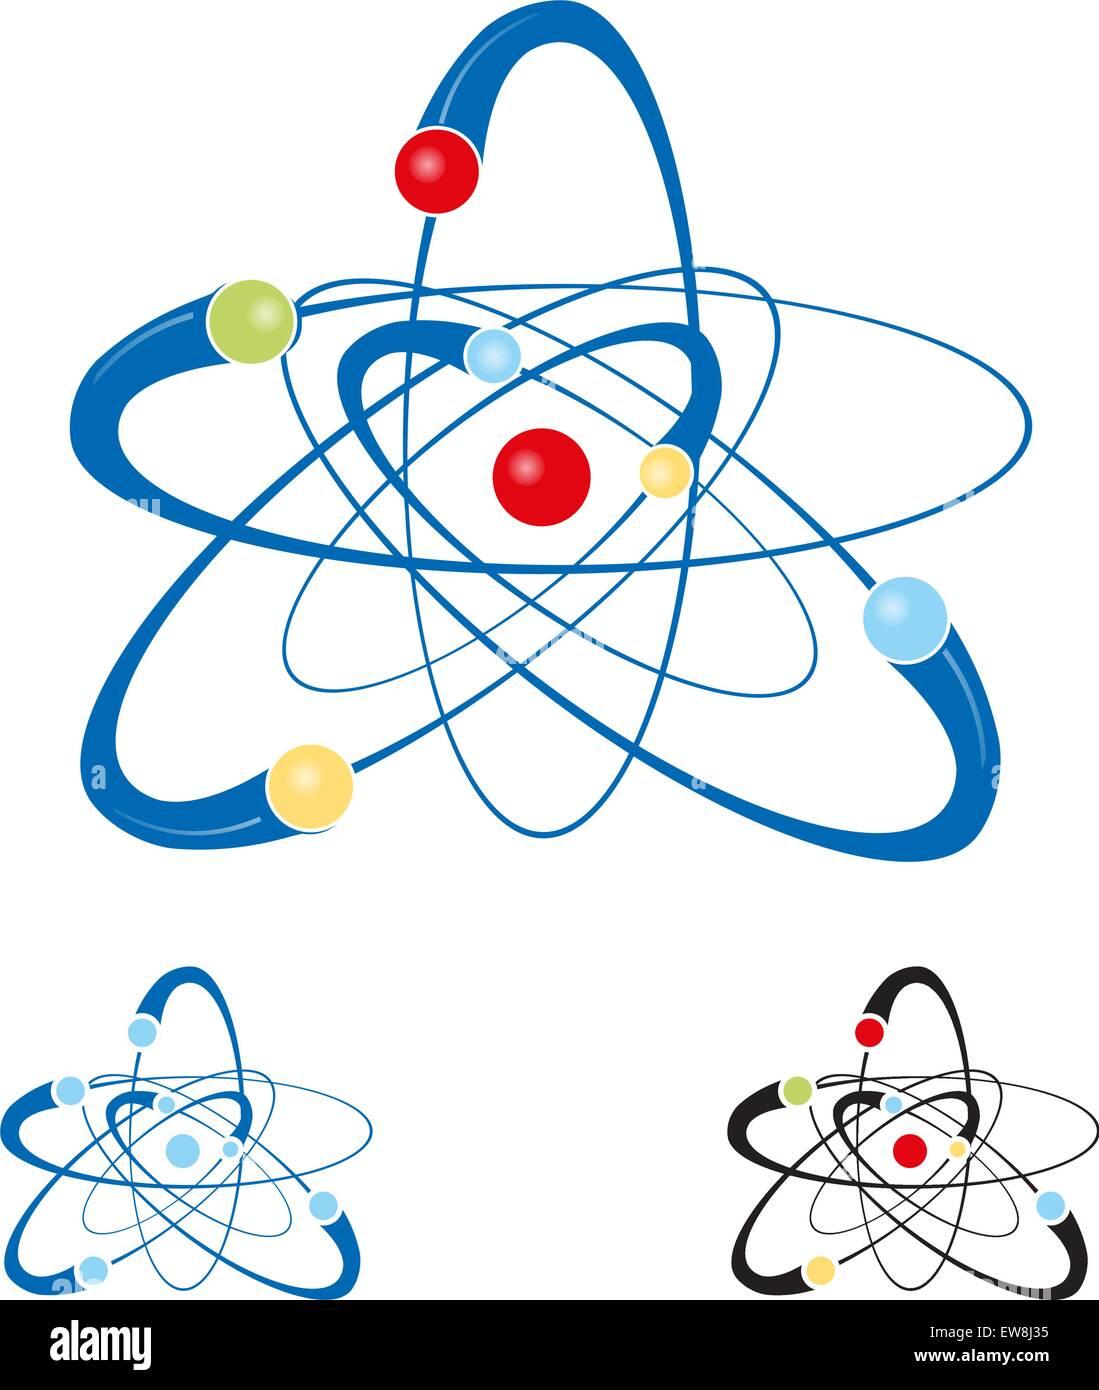 atom symbol set isolated on white background - Stock Image